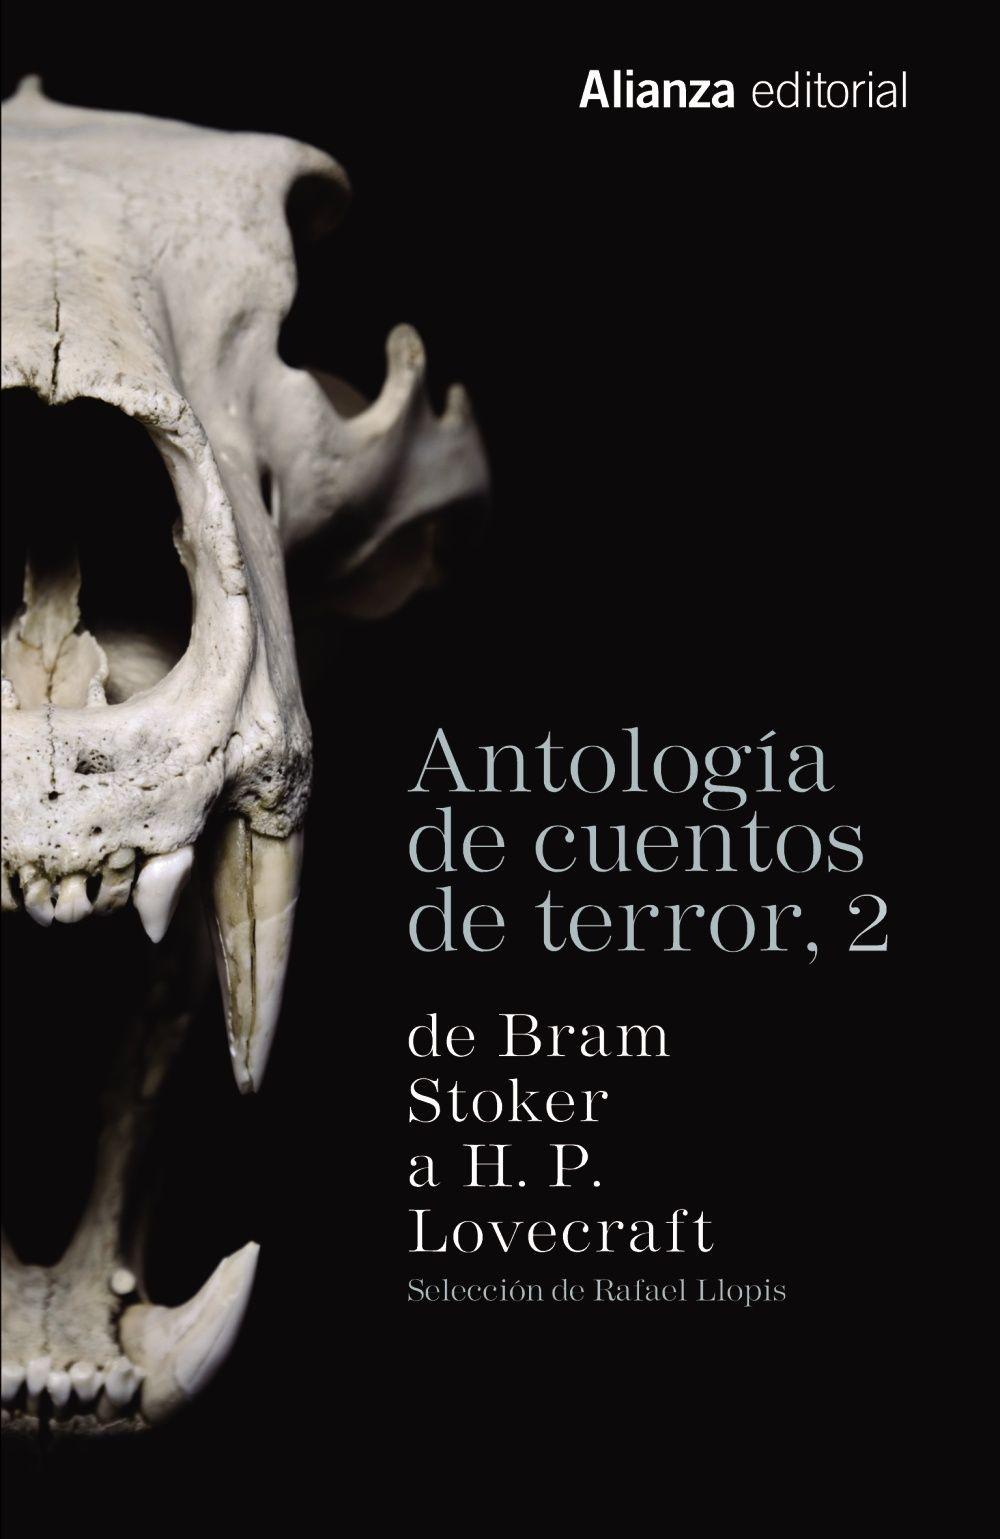 ANTOLOGI ADE CUENTOS DE TERROR 2